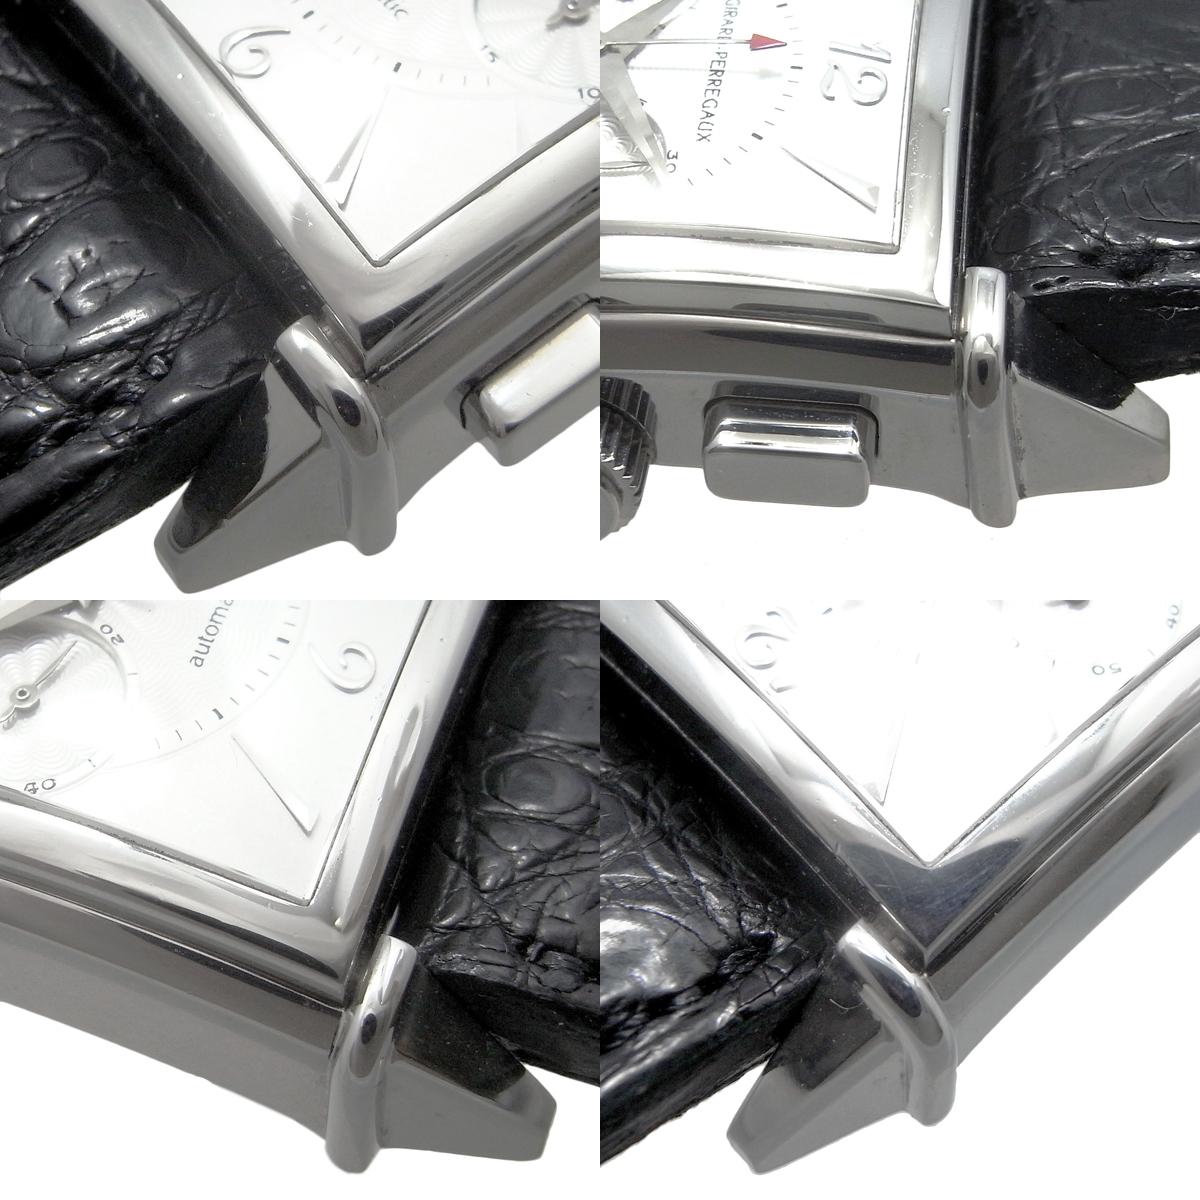 ジラールペルゴ ヴィンテージ 1945 クロノグラフ 100本限定 メンズ 自動巻き オートマ 2597 シルバー文字盤 GP_画像3